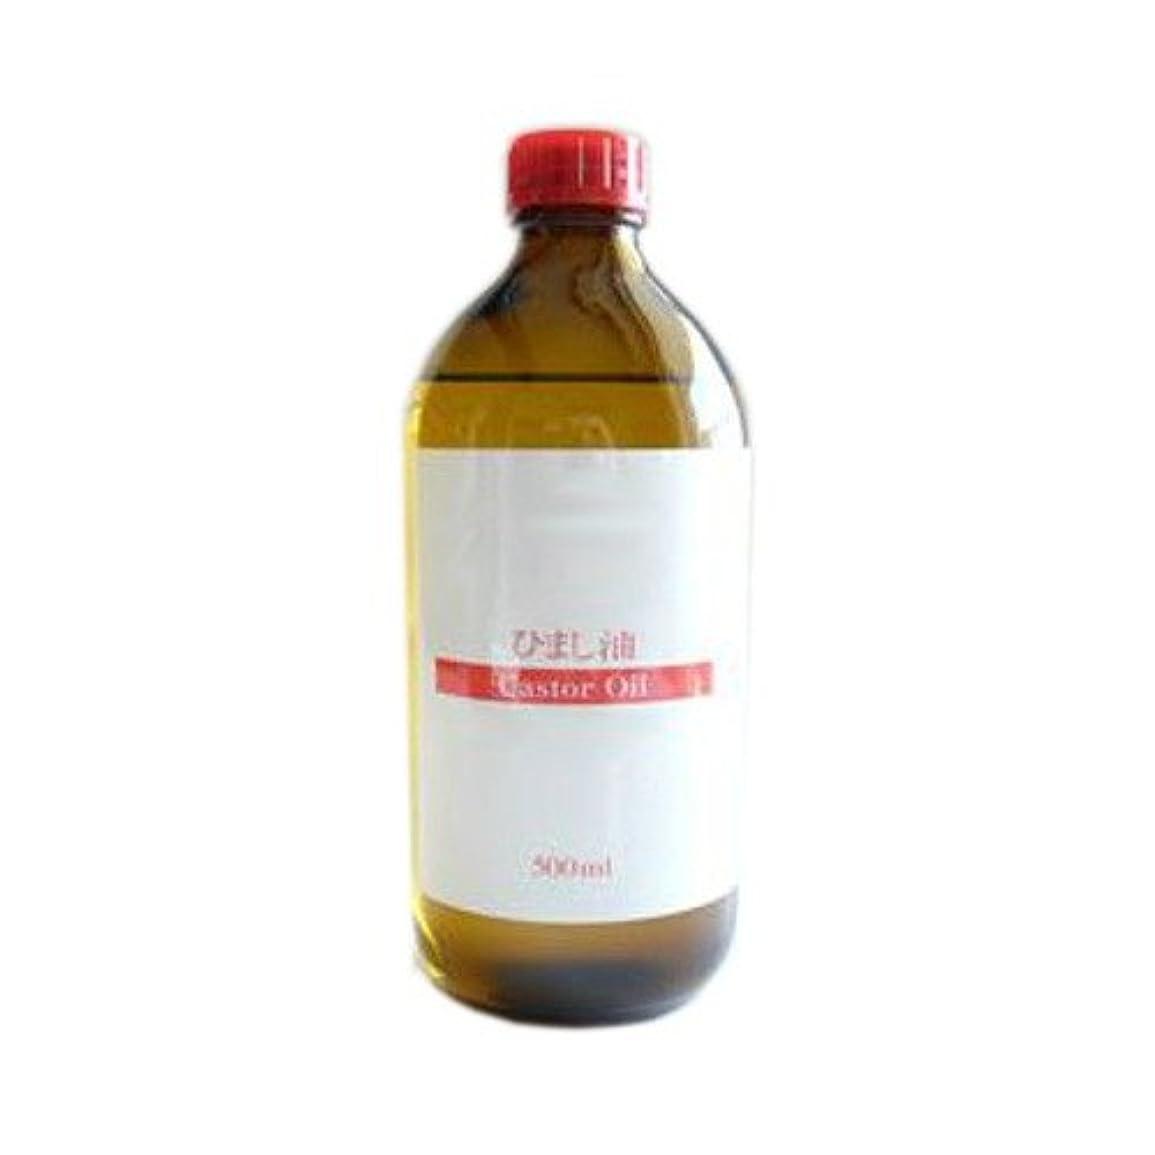 ひまし油 (キャスターオイル) 500ml